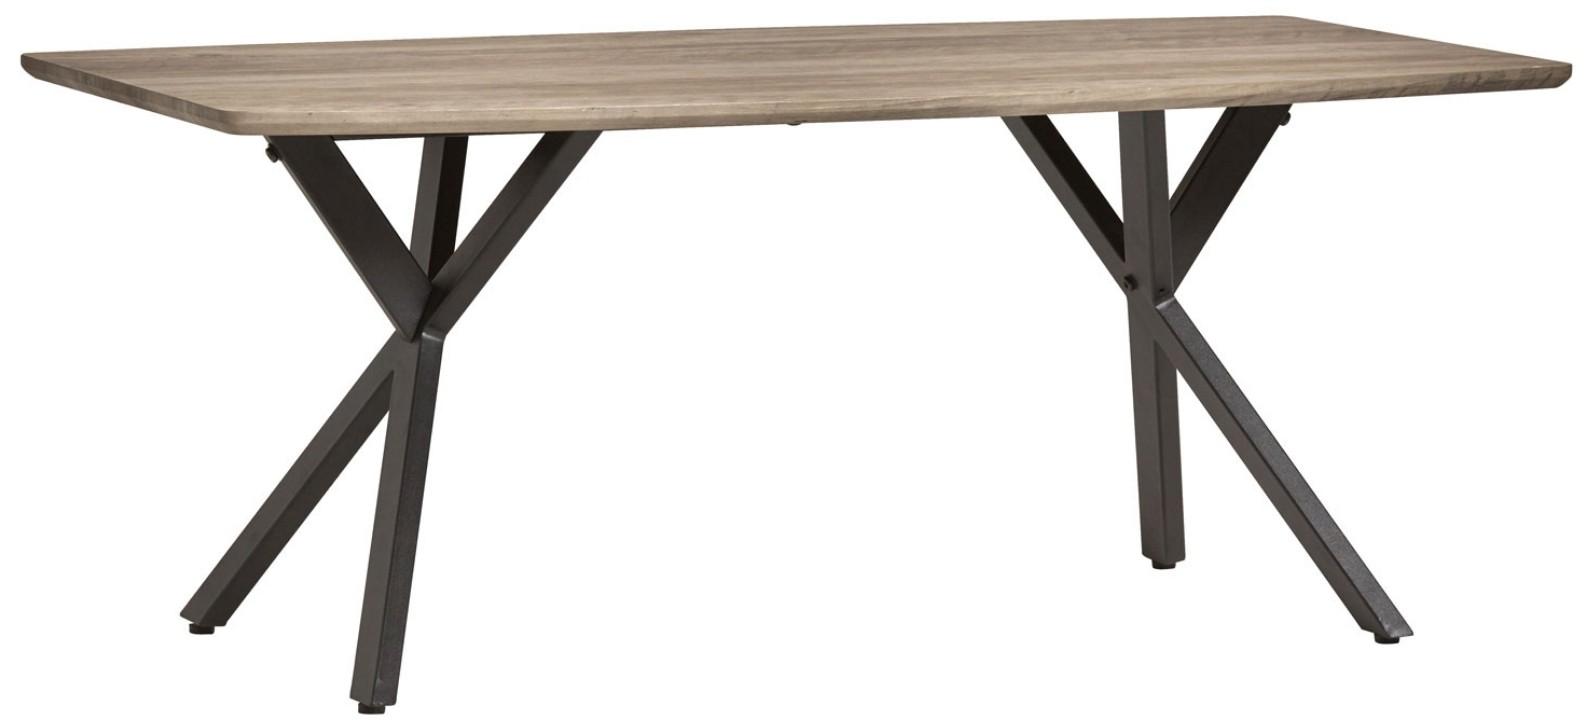 table ou banc chene clair ivania 110